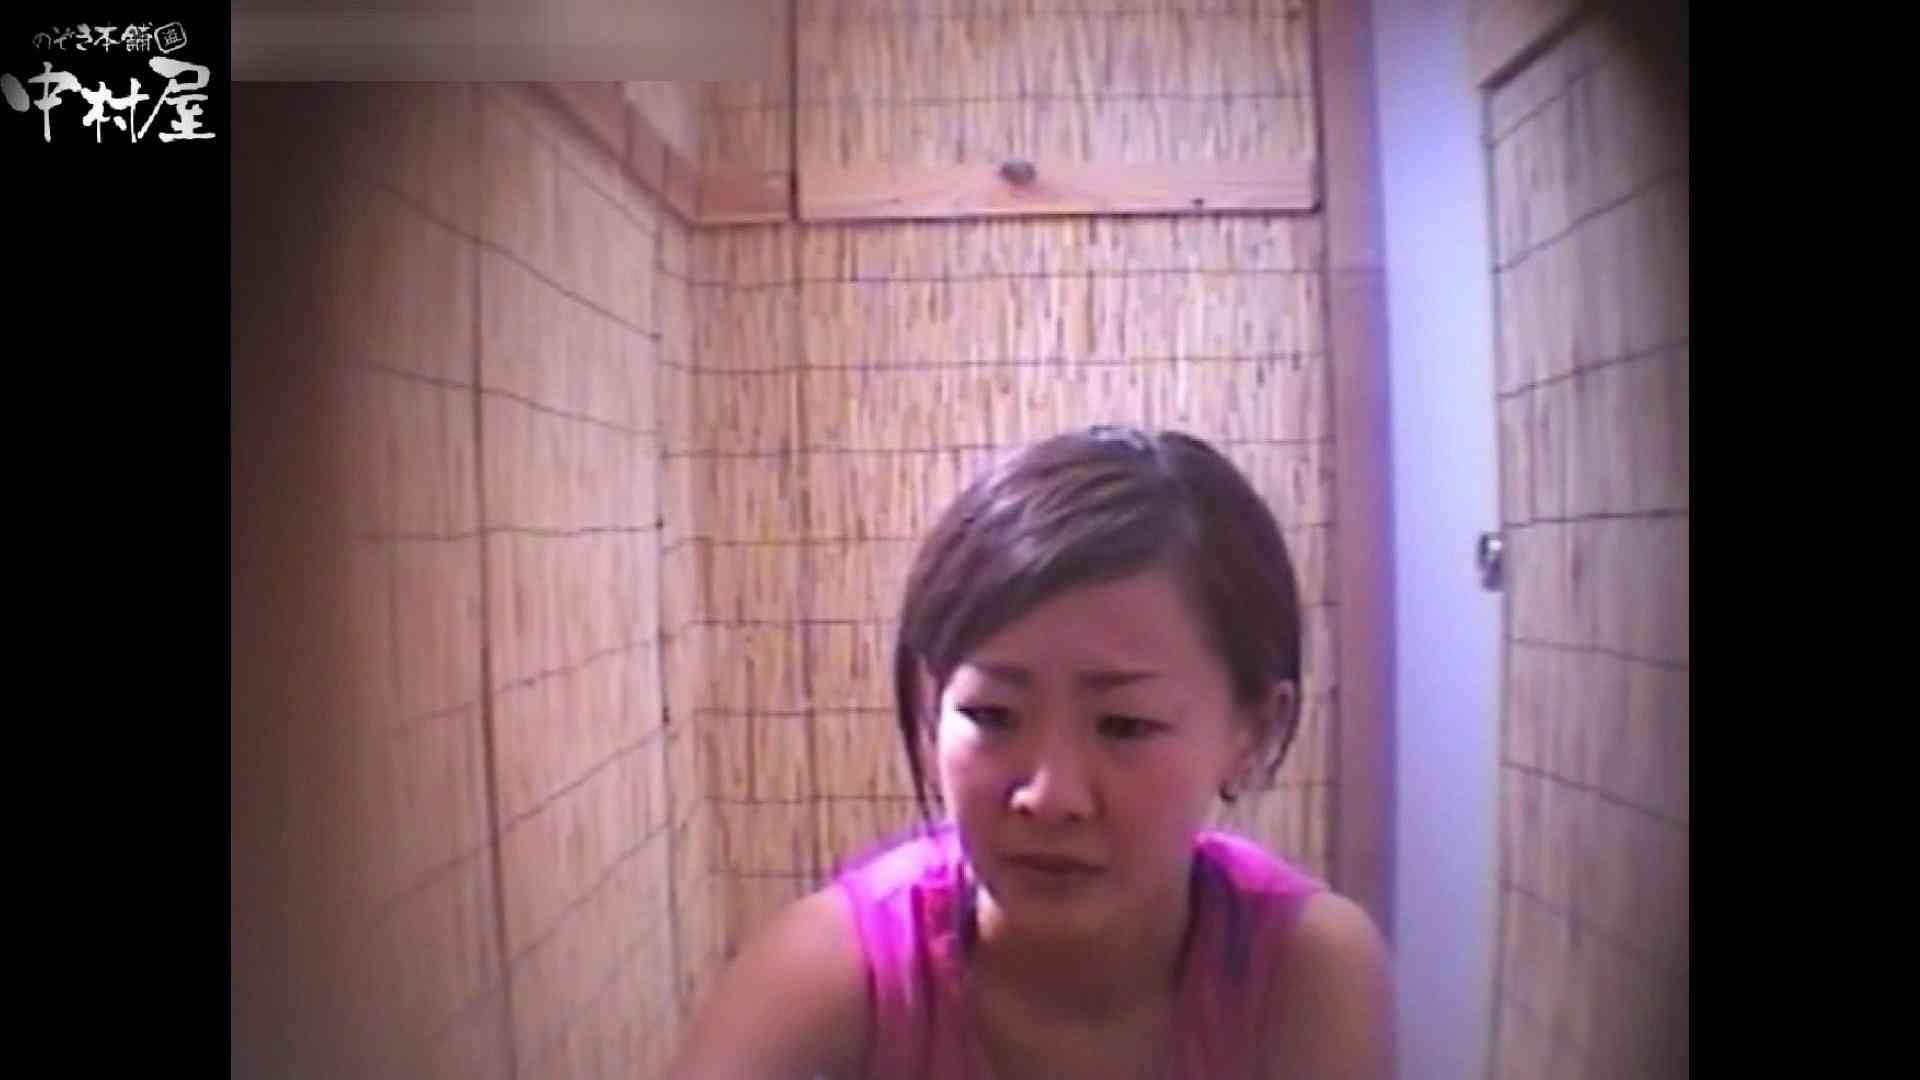 解禁!海の家4カメ洗面所vol.73 美しいOLの裸体 アダルト動画キャプチャ 107pic 30